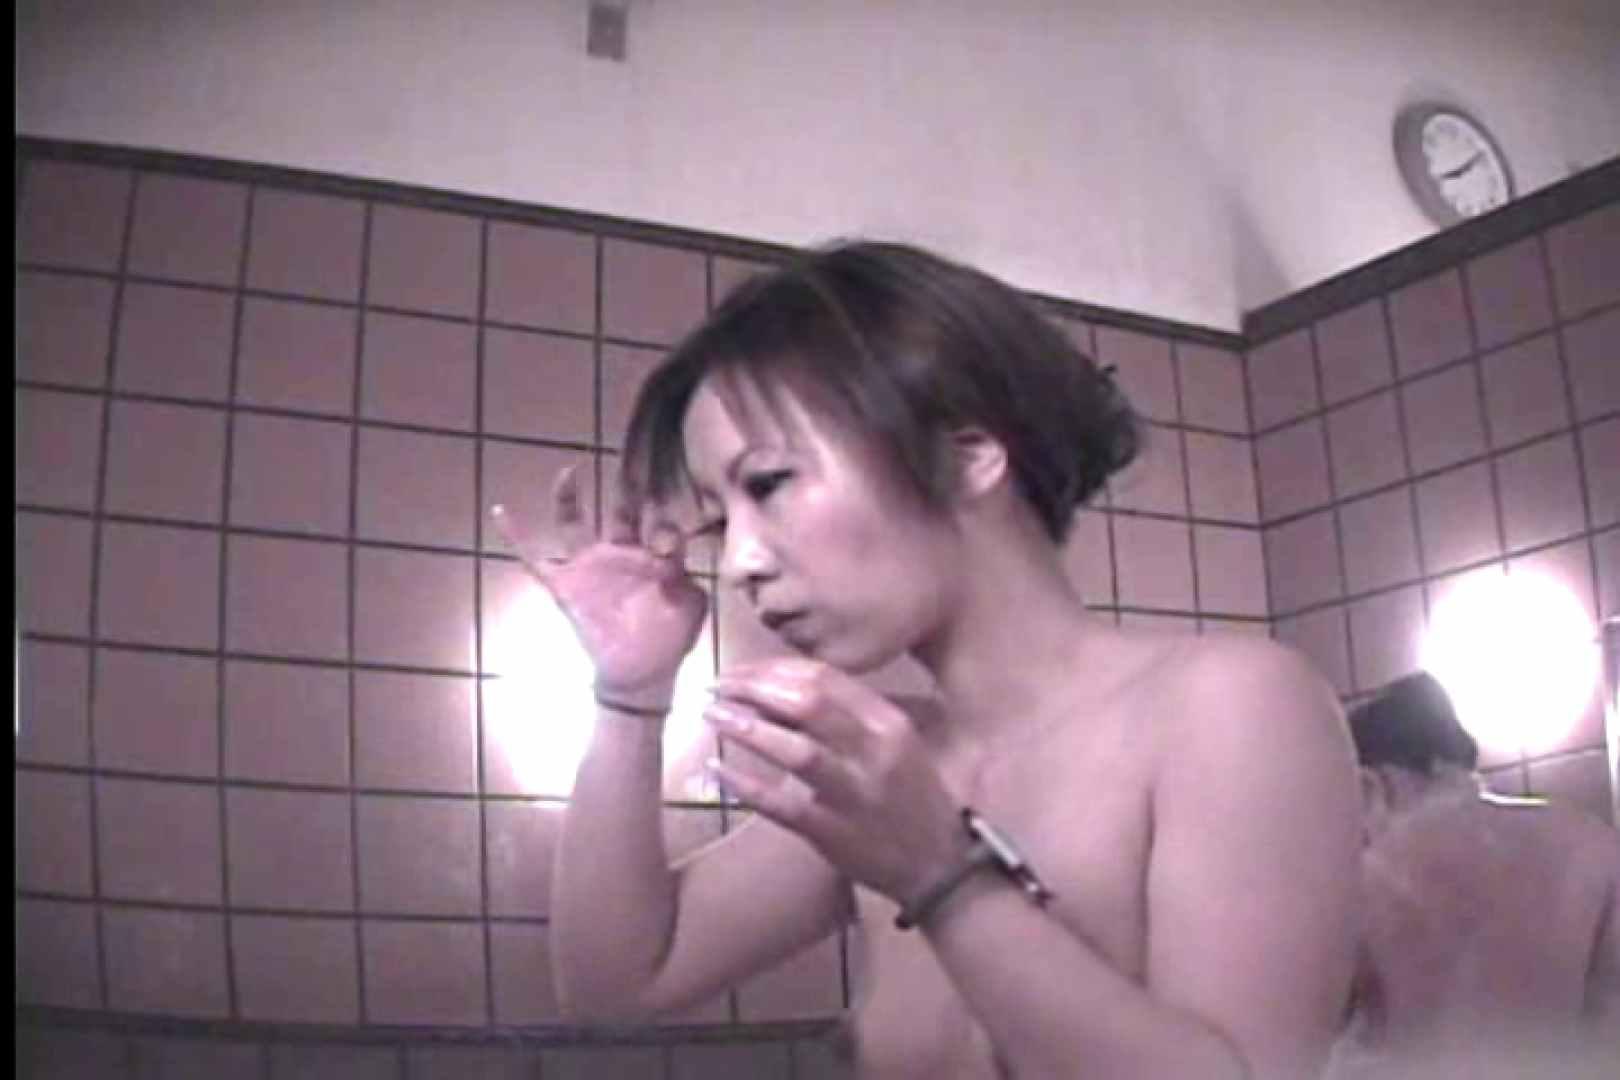 潜入女風呂 がっかり編Vol.1 脱衣所の着替え | 女子風呂盗撮  74画像 1